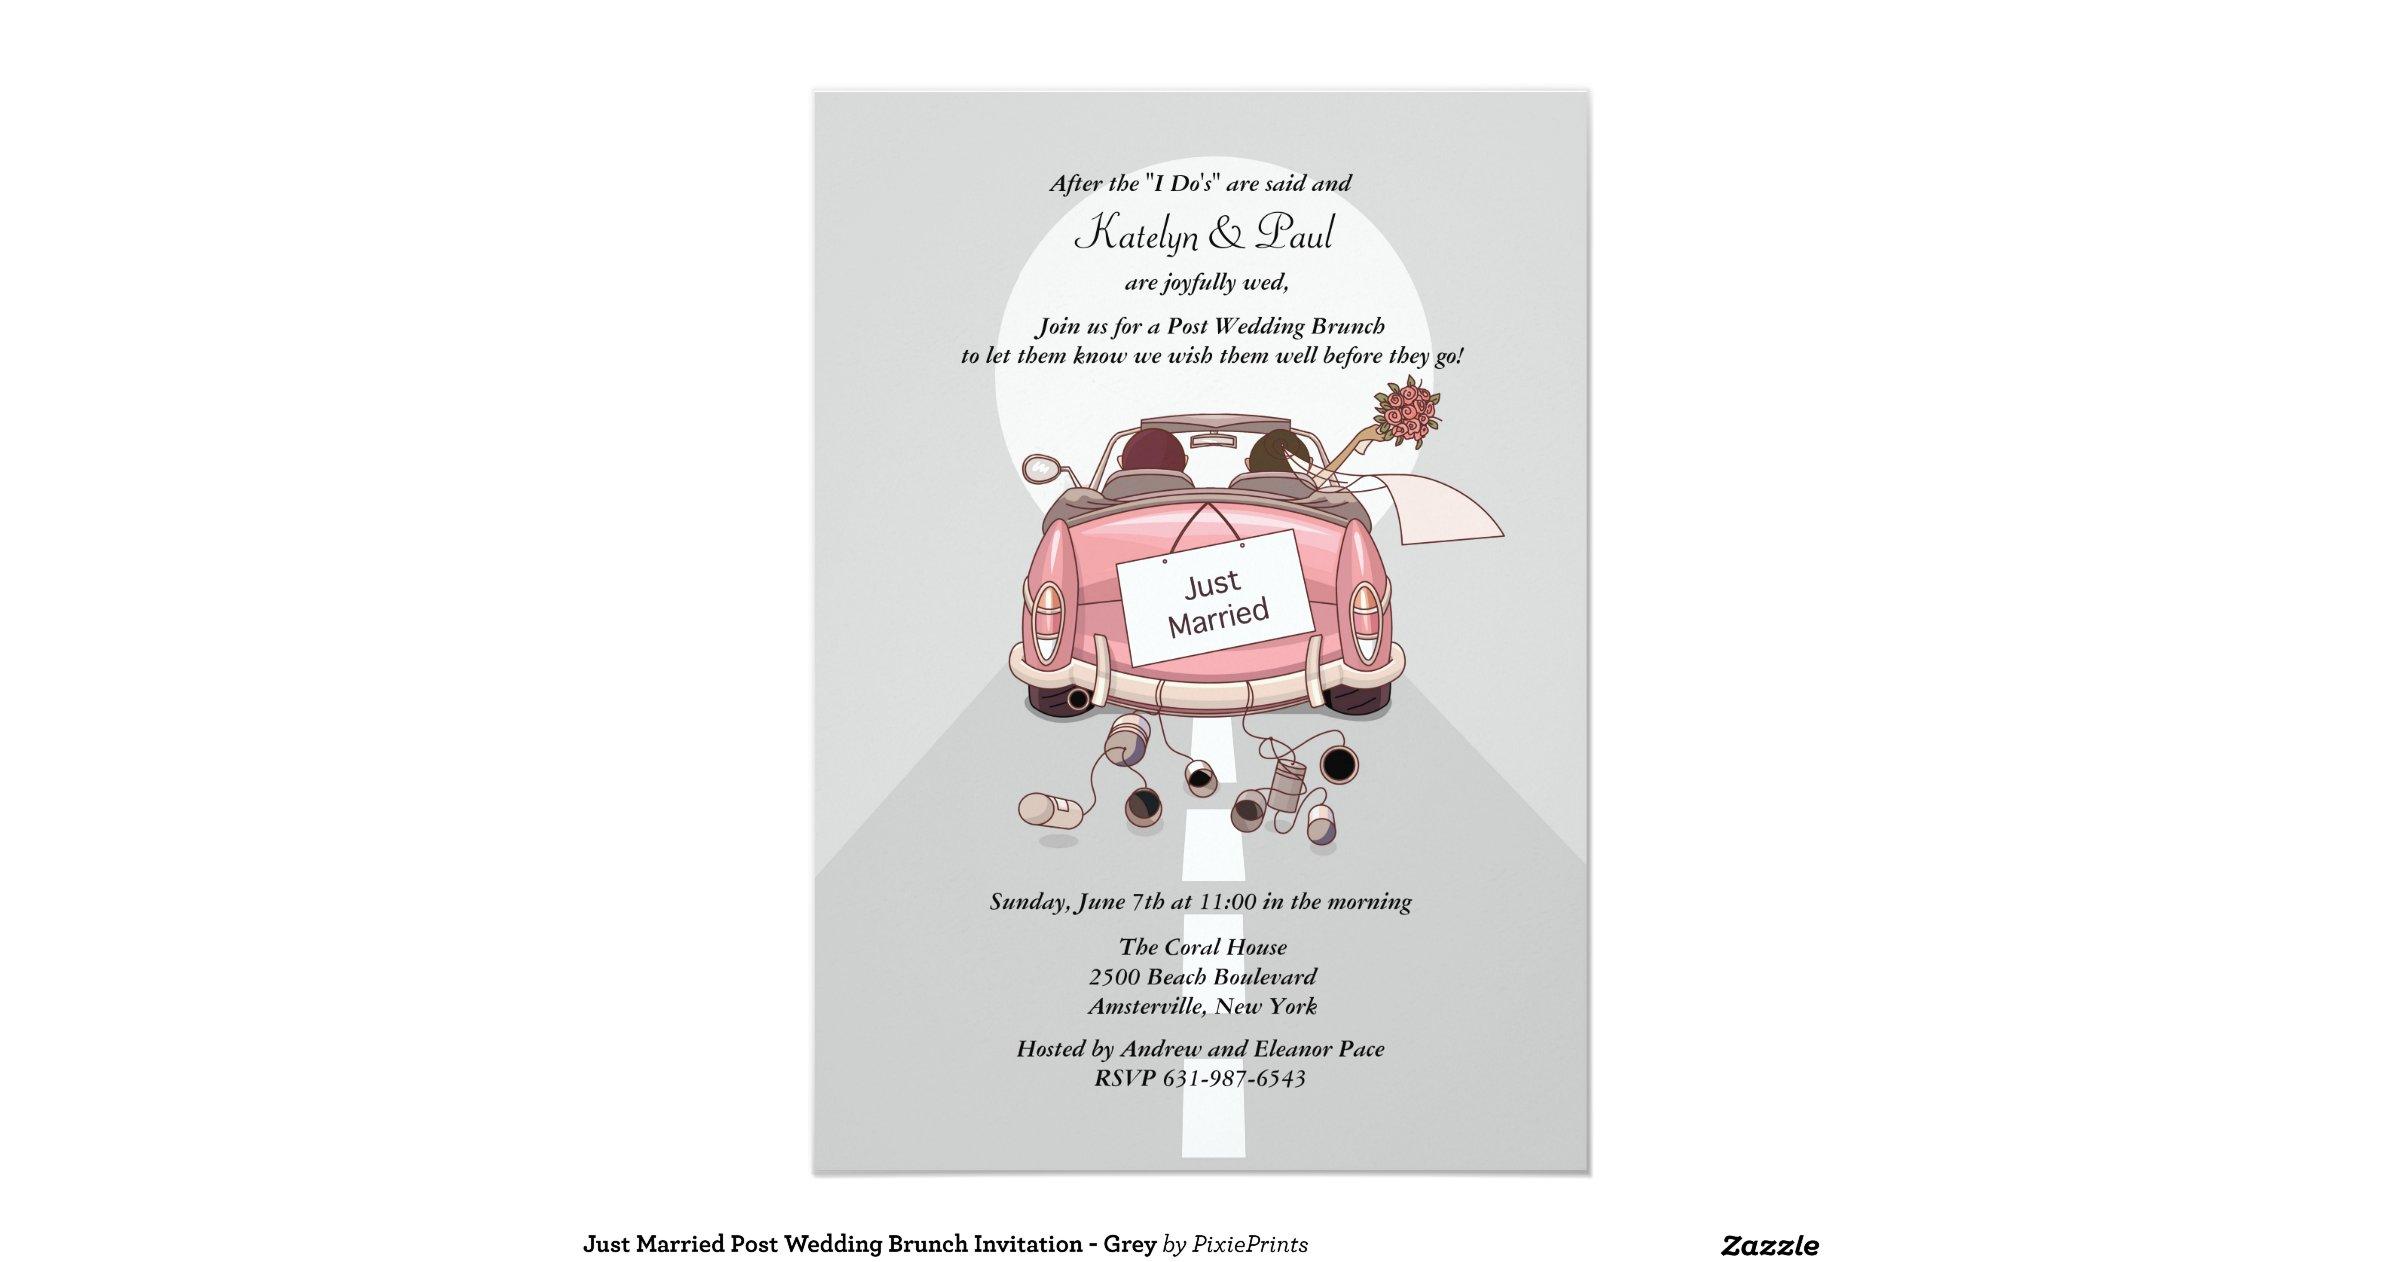 Just Married Post Wedding Brunch Invitation Grey R7b5ed839c4f34512b9affed5210f8802 Zkrqs 1200